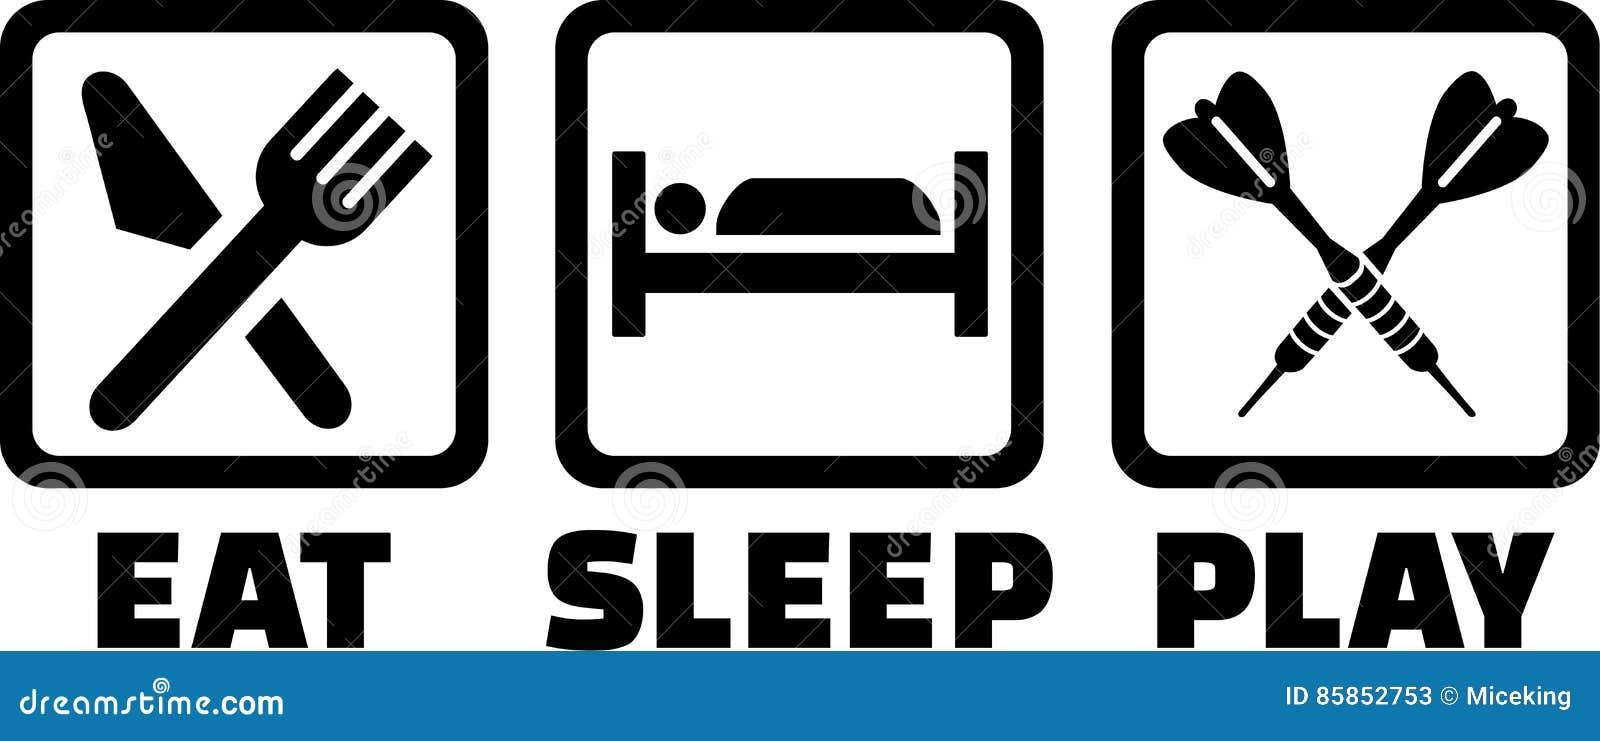 Dardos Eat Sleep Play